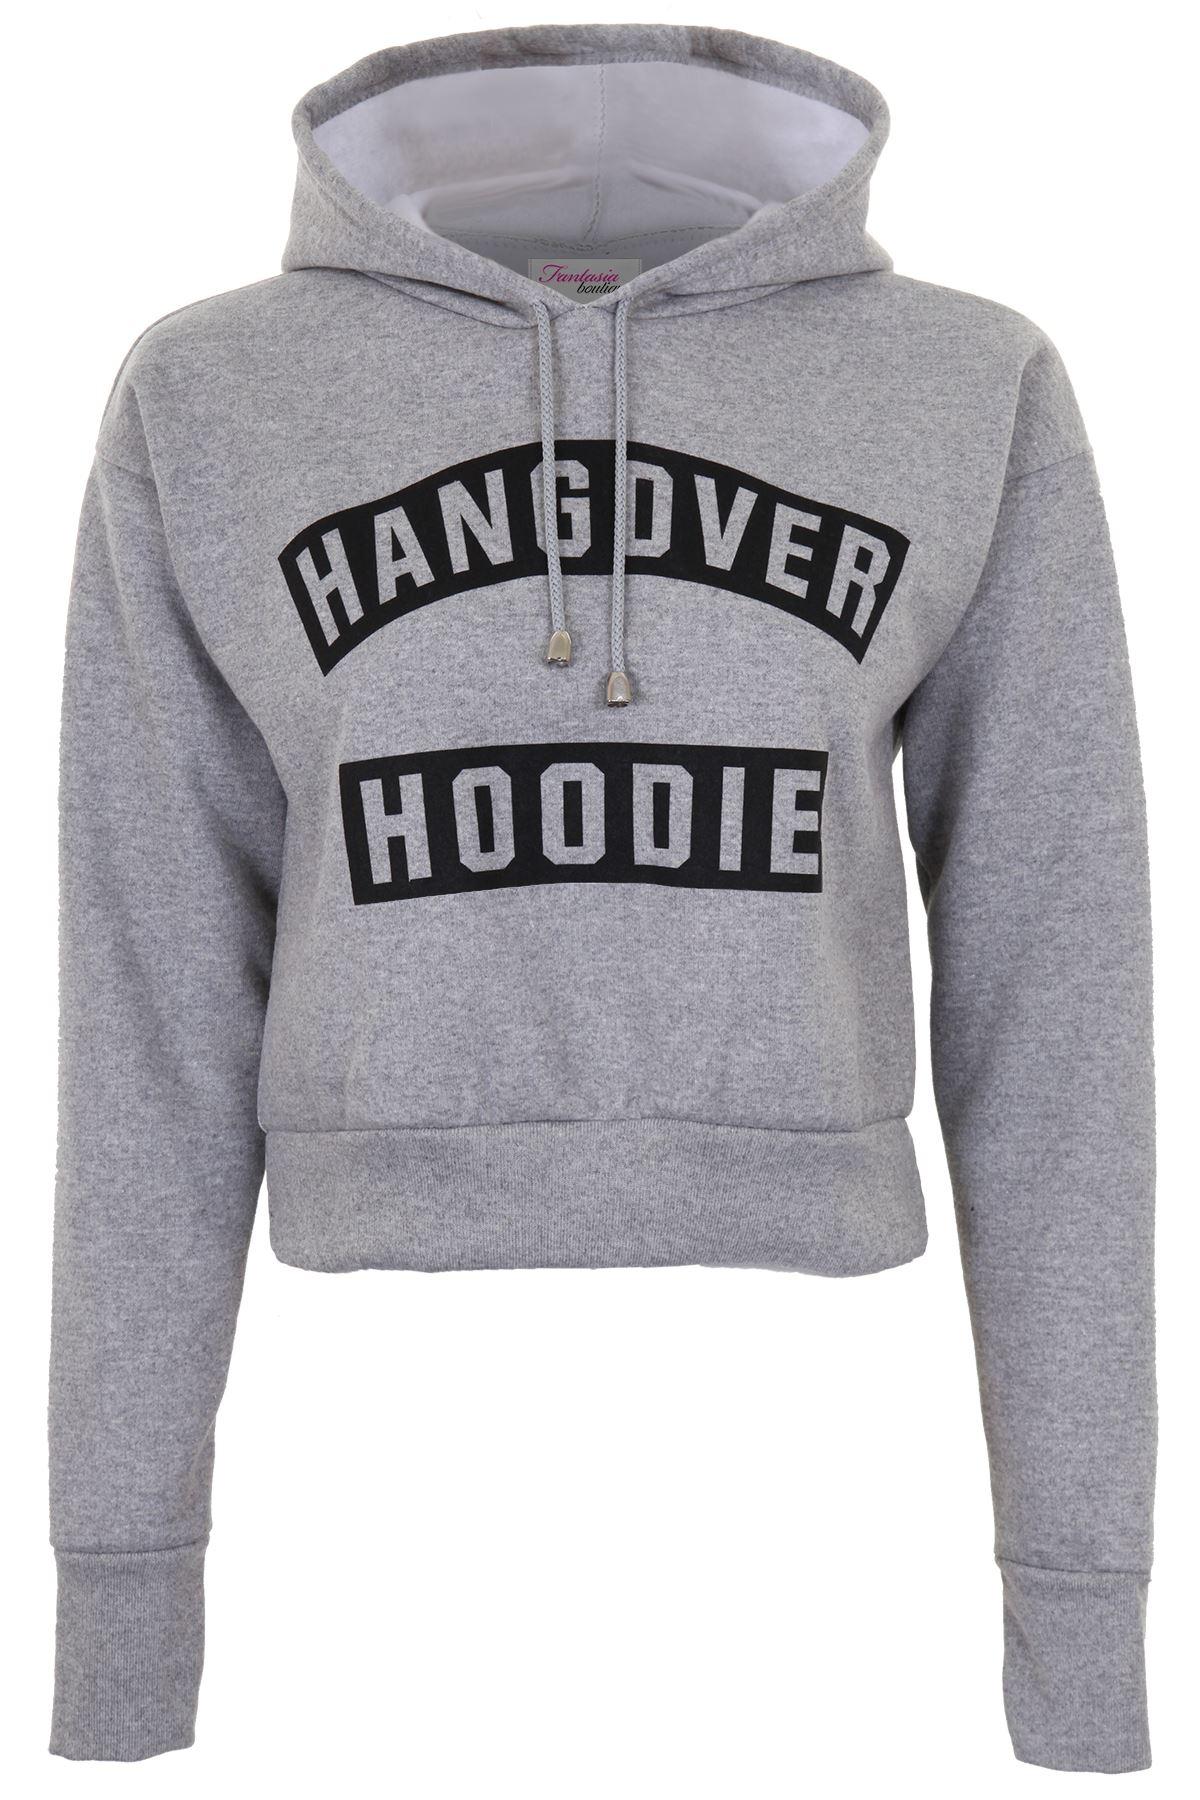 ladies hooded hangover hoodie pull over women 39 s hoody crop top jumper ebay. Black Bedroom Furniture Sets. Home Design Ideas